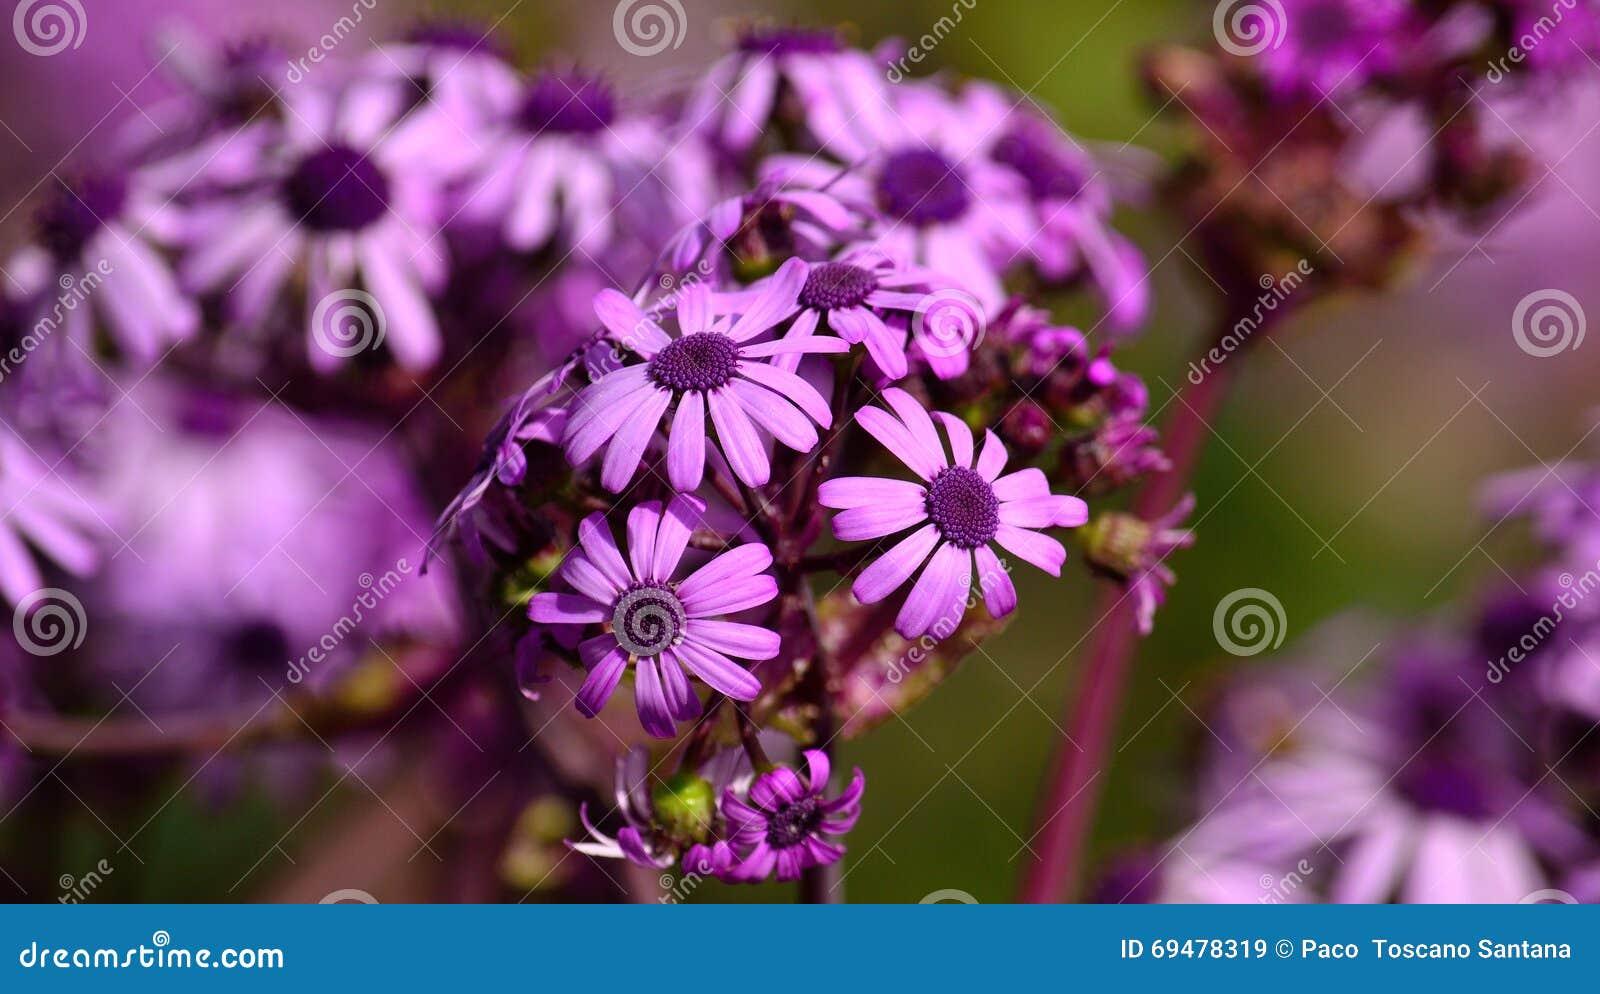 blumen im mai blumen im mai susi testet und bloggt maigl ckchen blumen pflanzen natur fr hling. Black Bedroom Furniture Sets. Home Design Ideas